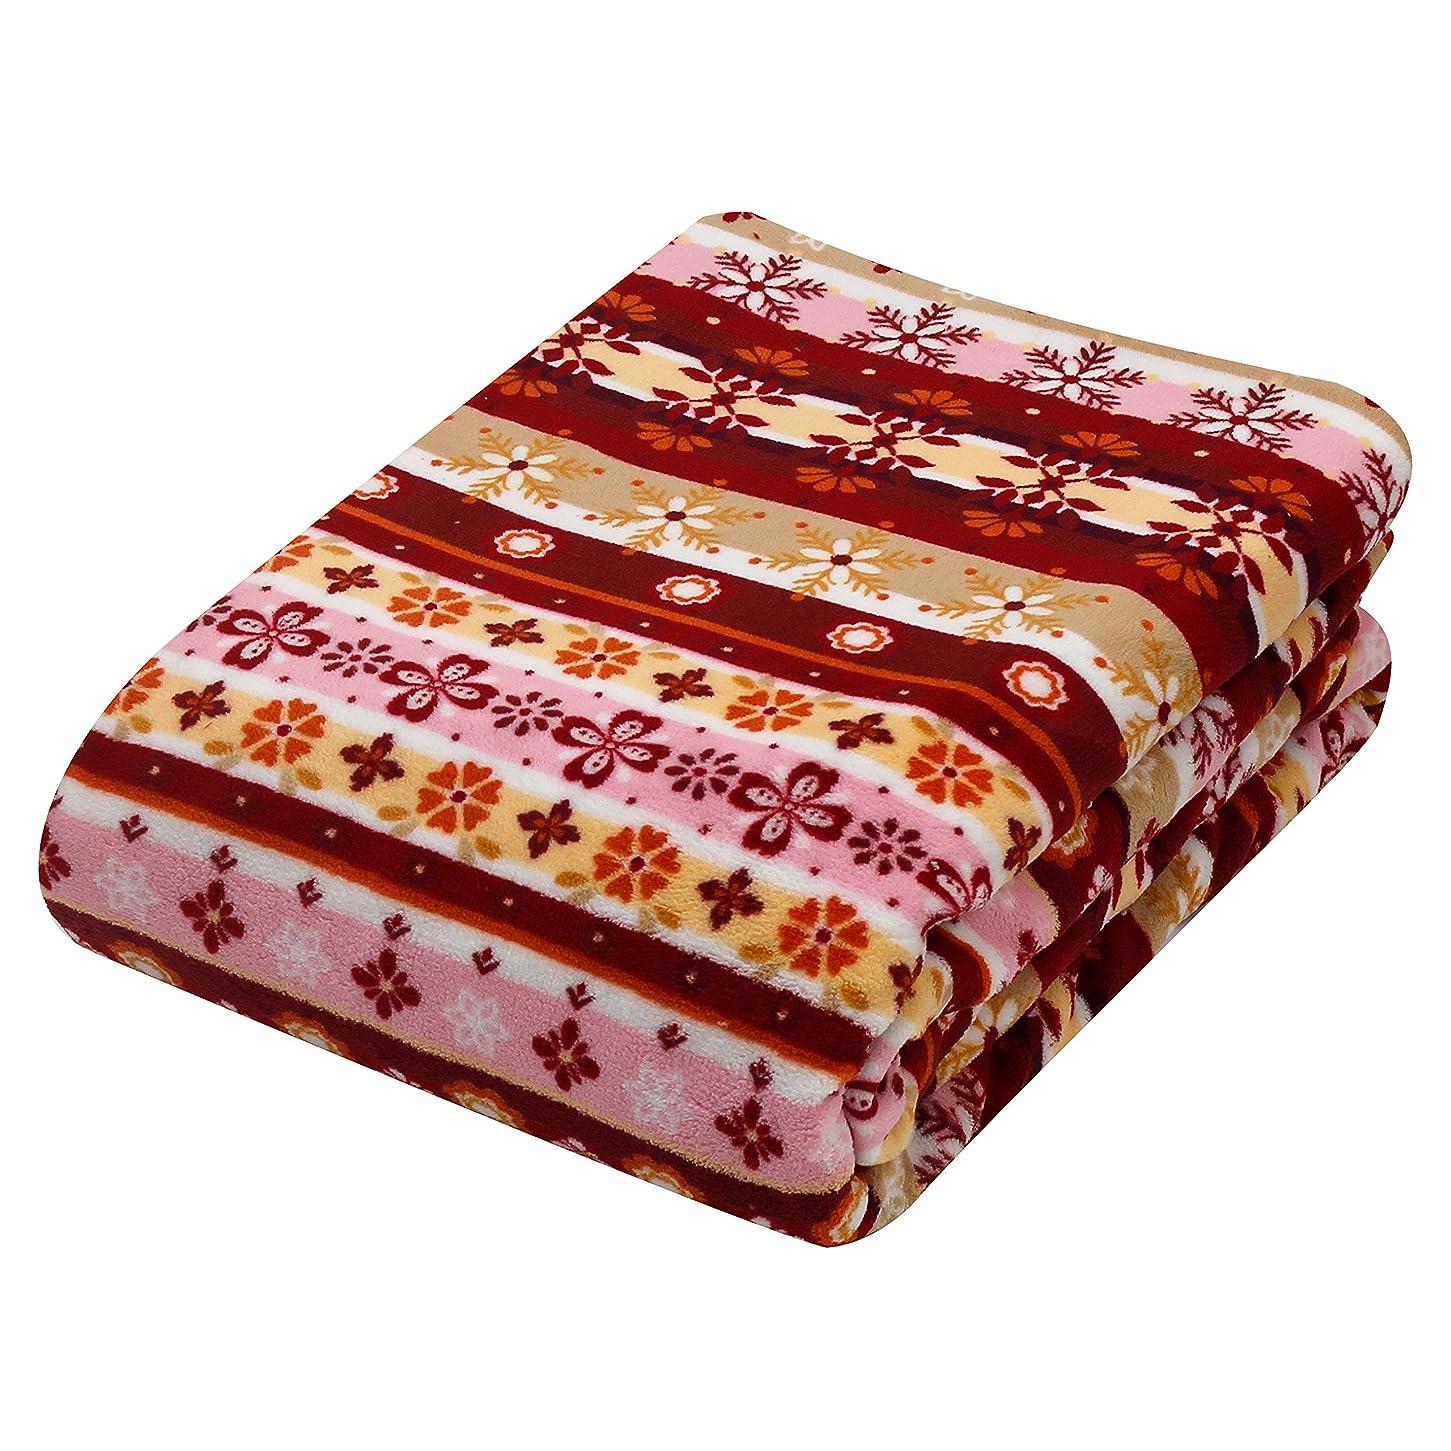 憧れトラフィック合計京都西川 かけ布団カバー 毛布 1枚2役 洗える サンゴマイヤー おしゃれでかわいい北欧調ノルディック柄 ピンク シングル ロング 150×210 SNG-NM5-61